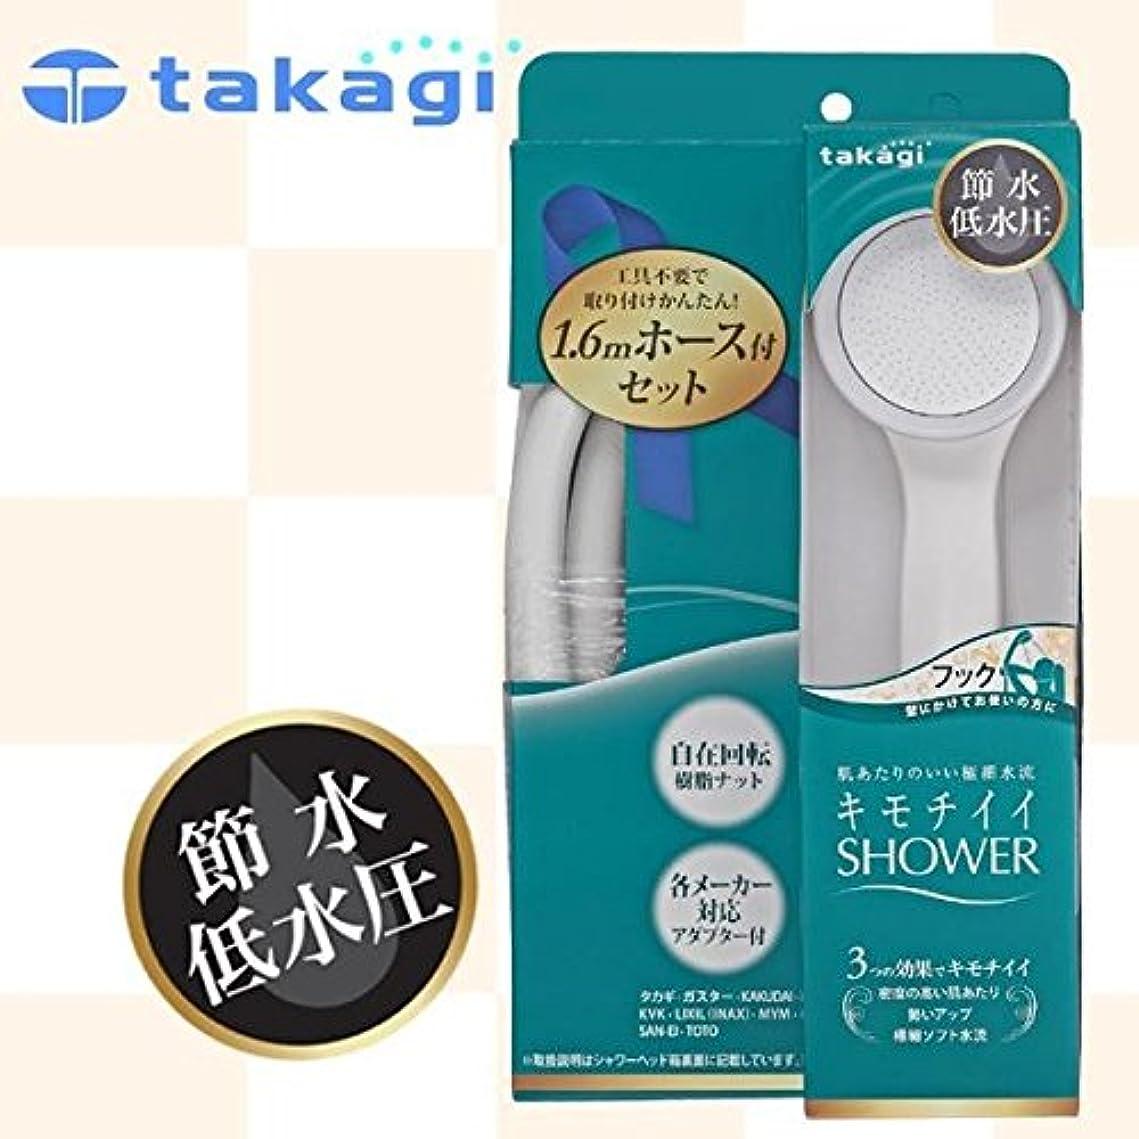 日曜日含む仮説takagi タカギ 浴室用シャワーヘッド キモチイイシャワーホースセットWT フックタイプ【同梱?代引不可】